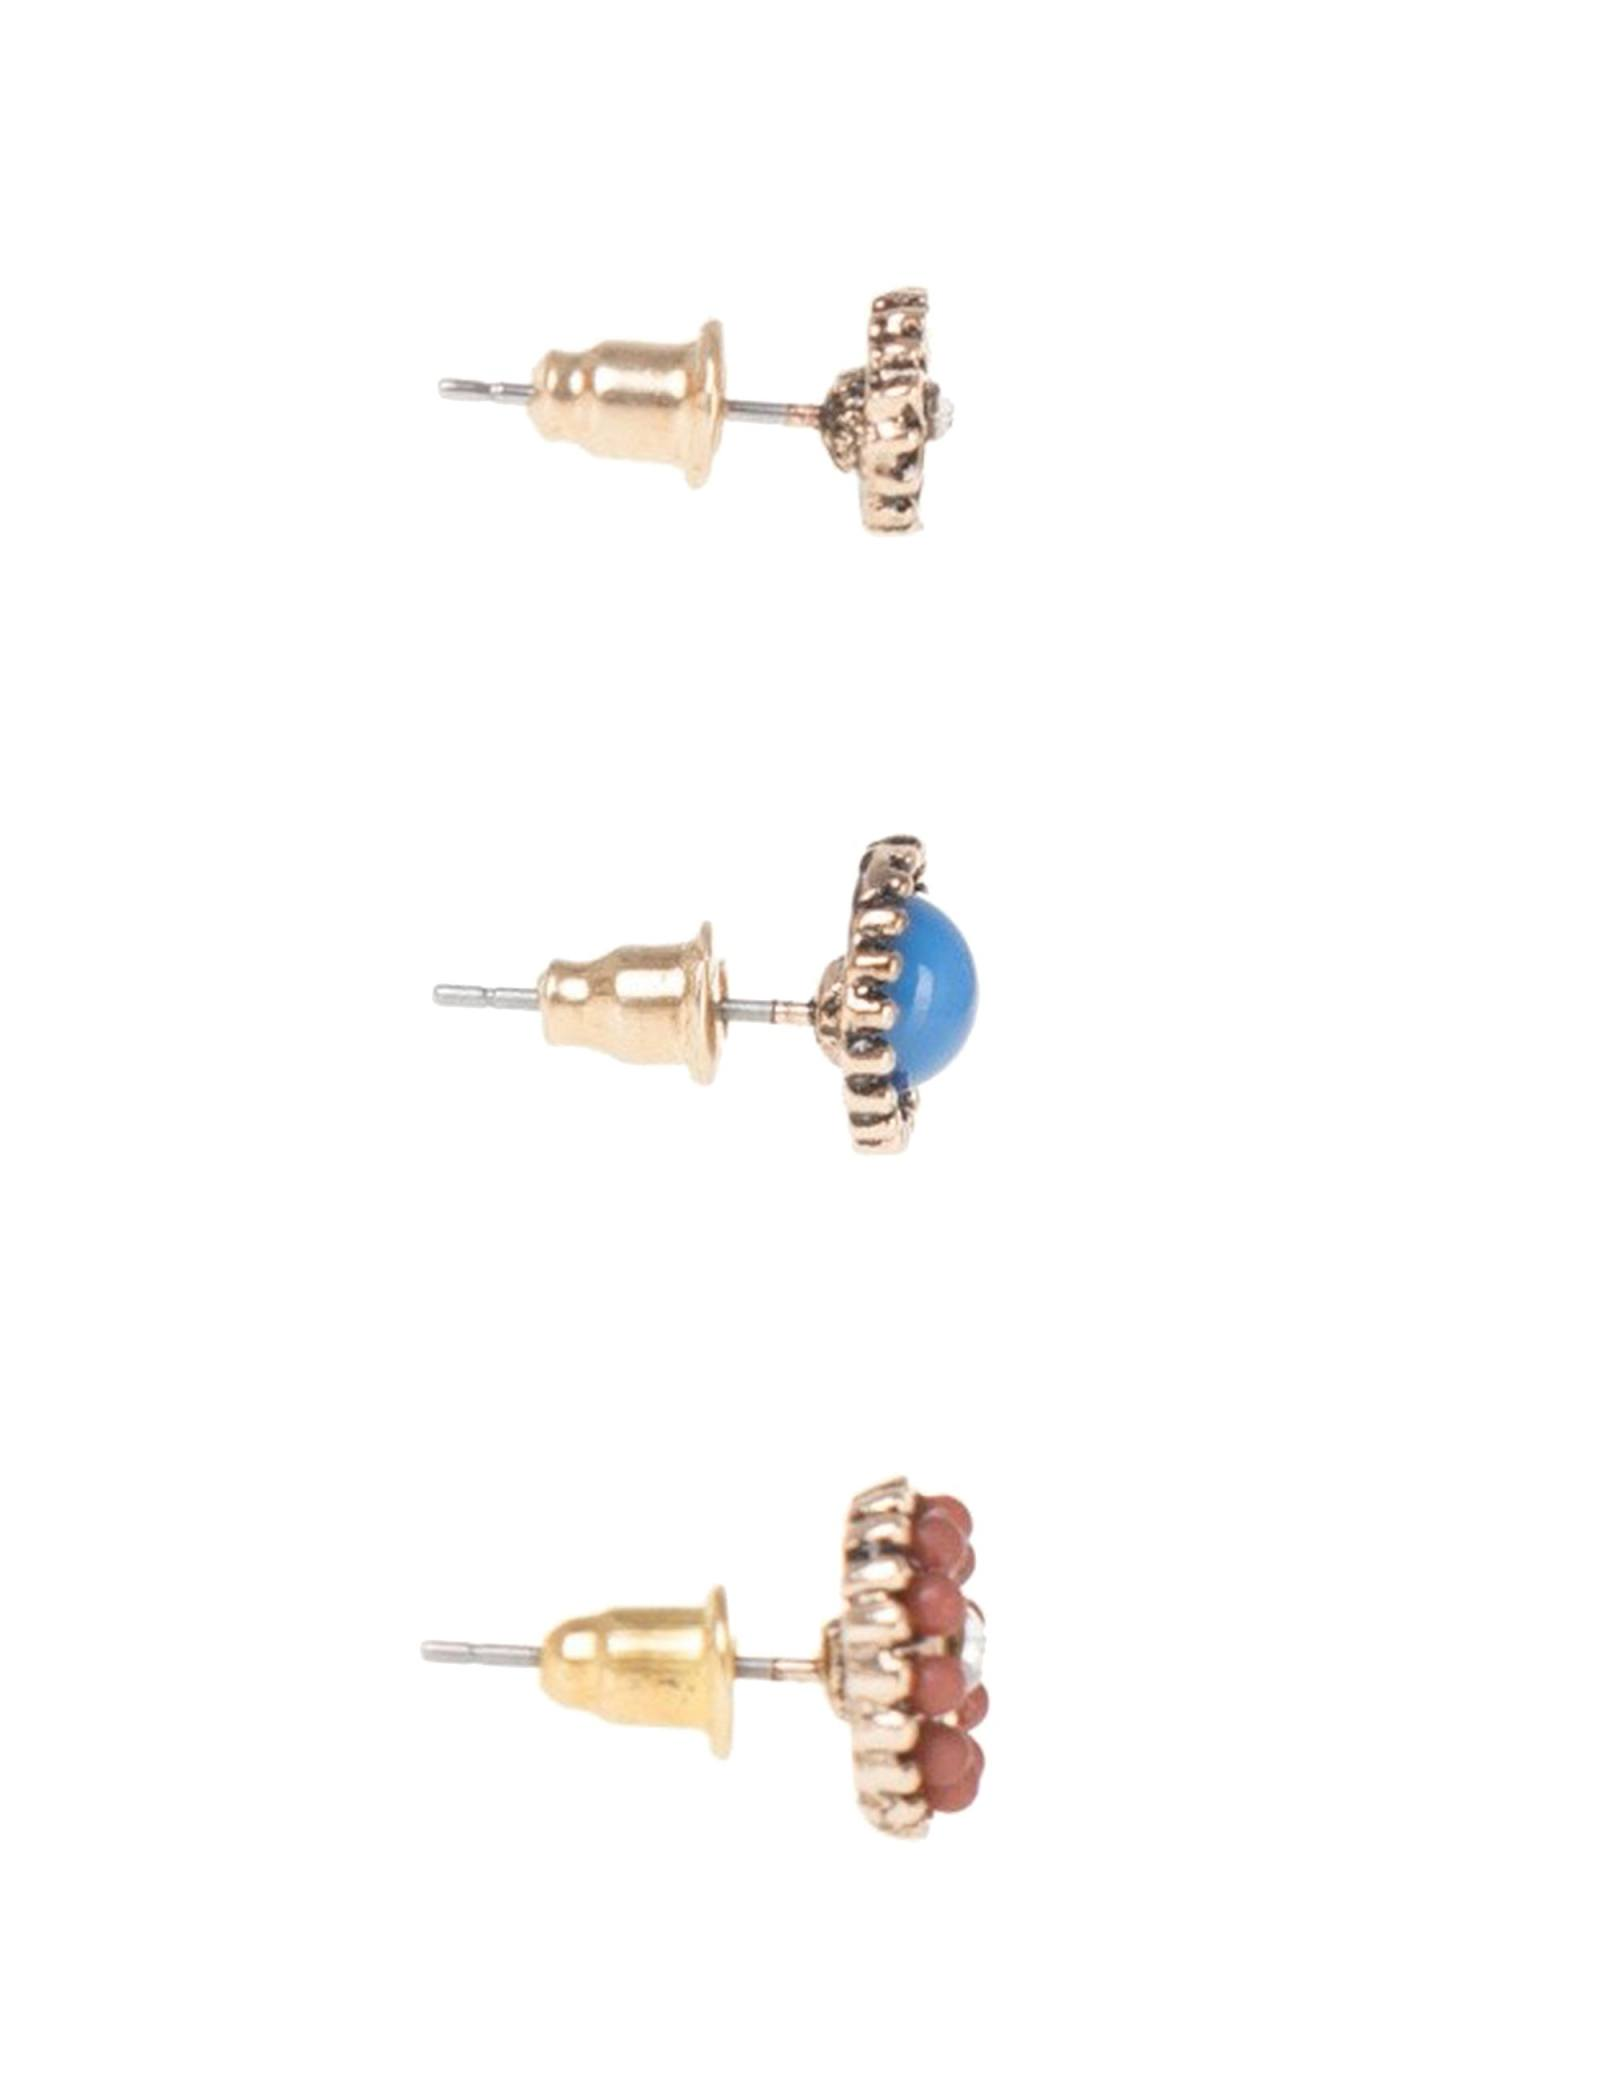 گوشواره زنانه بسته 3 عددی - پارفوا - چند رنگ - 2